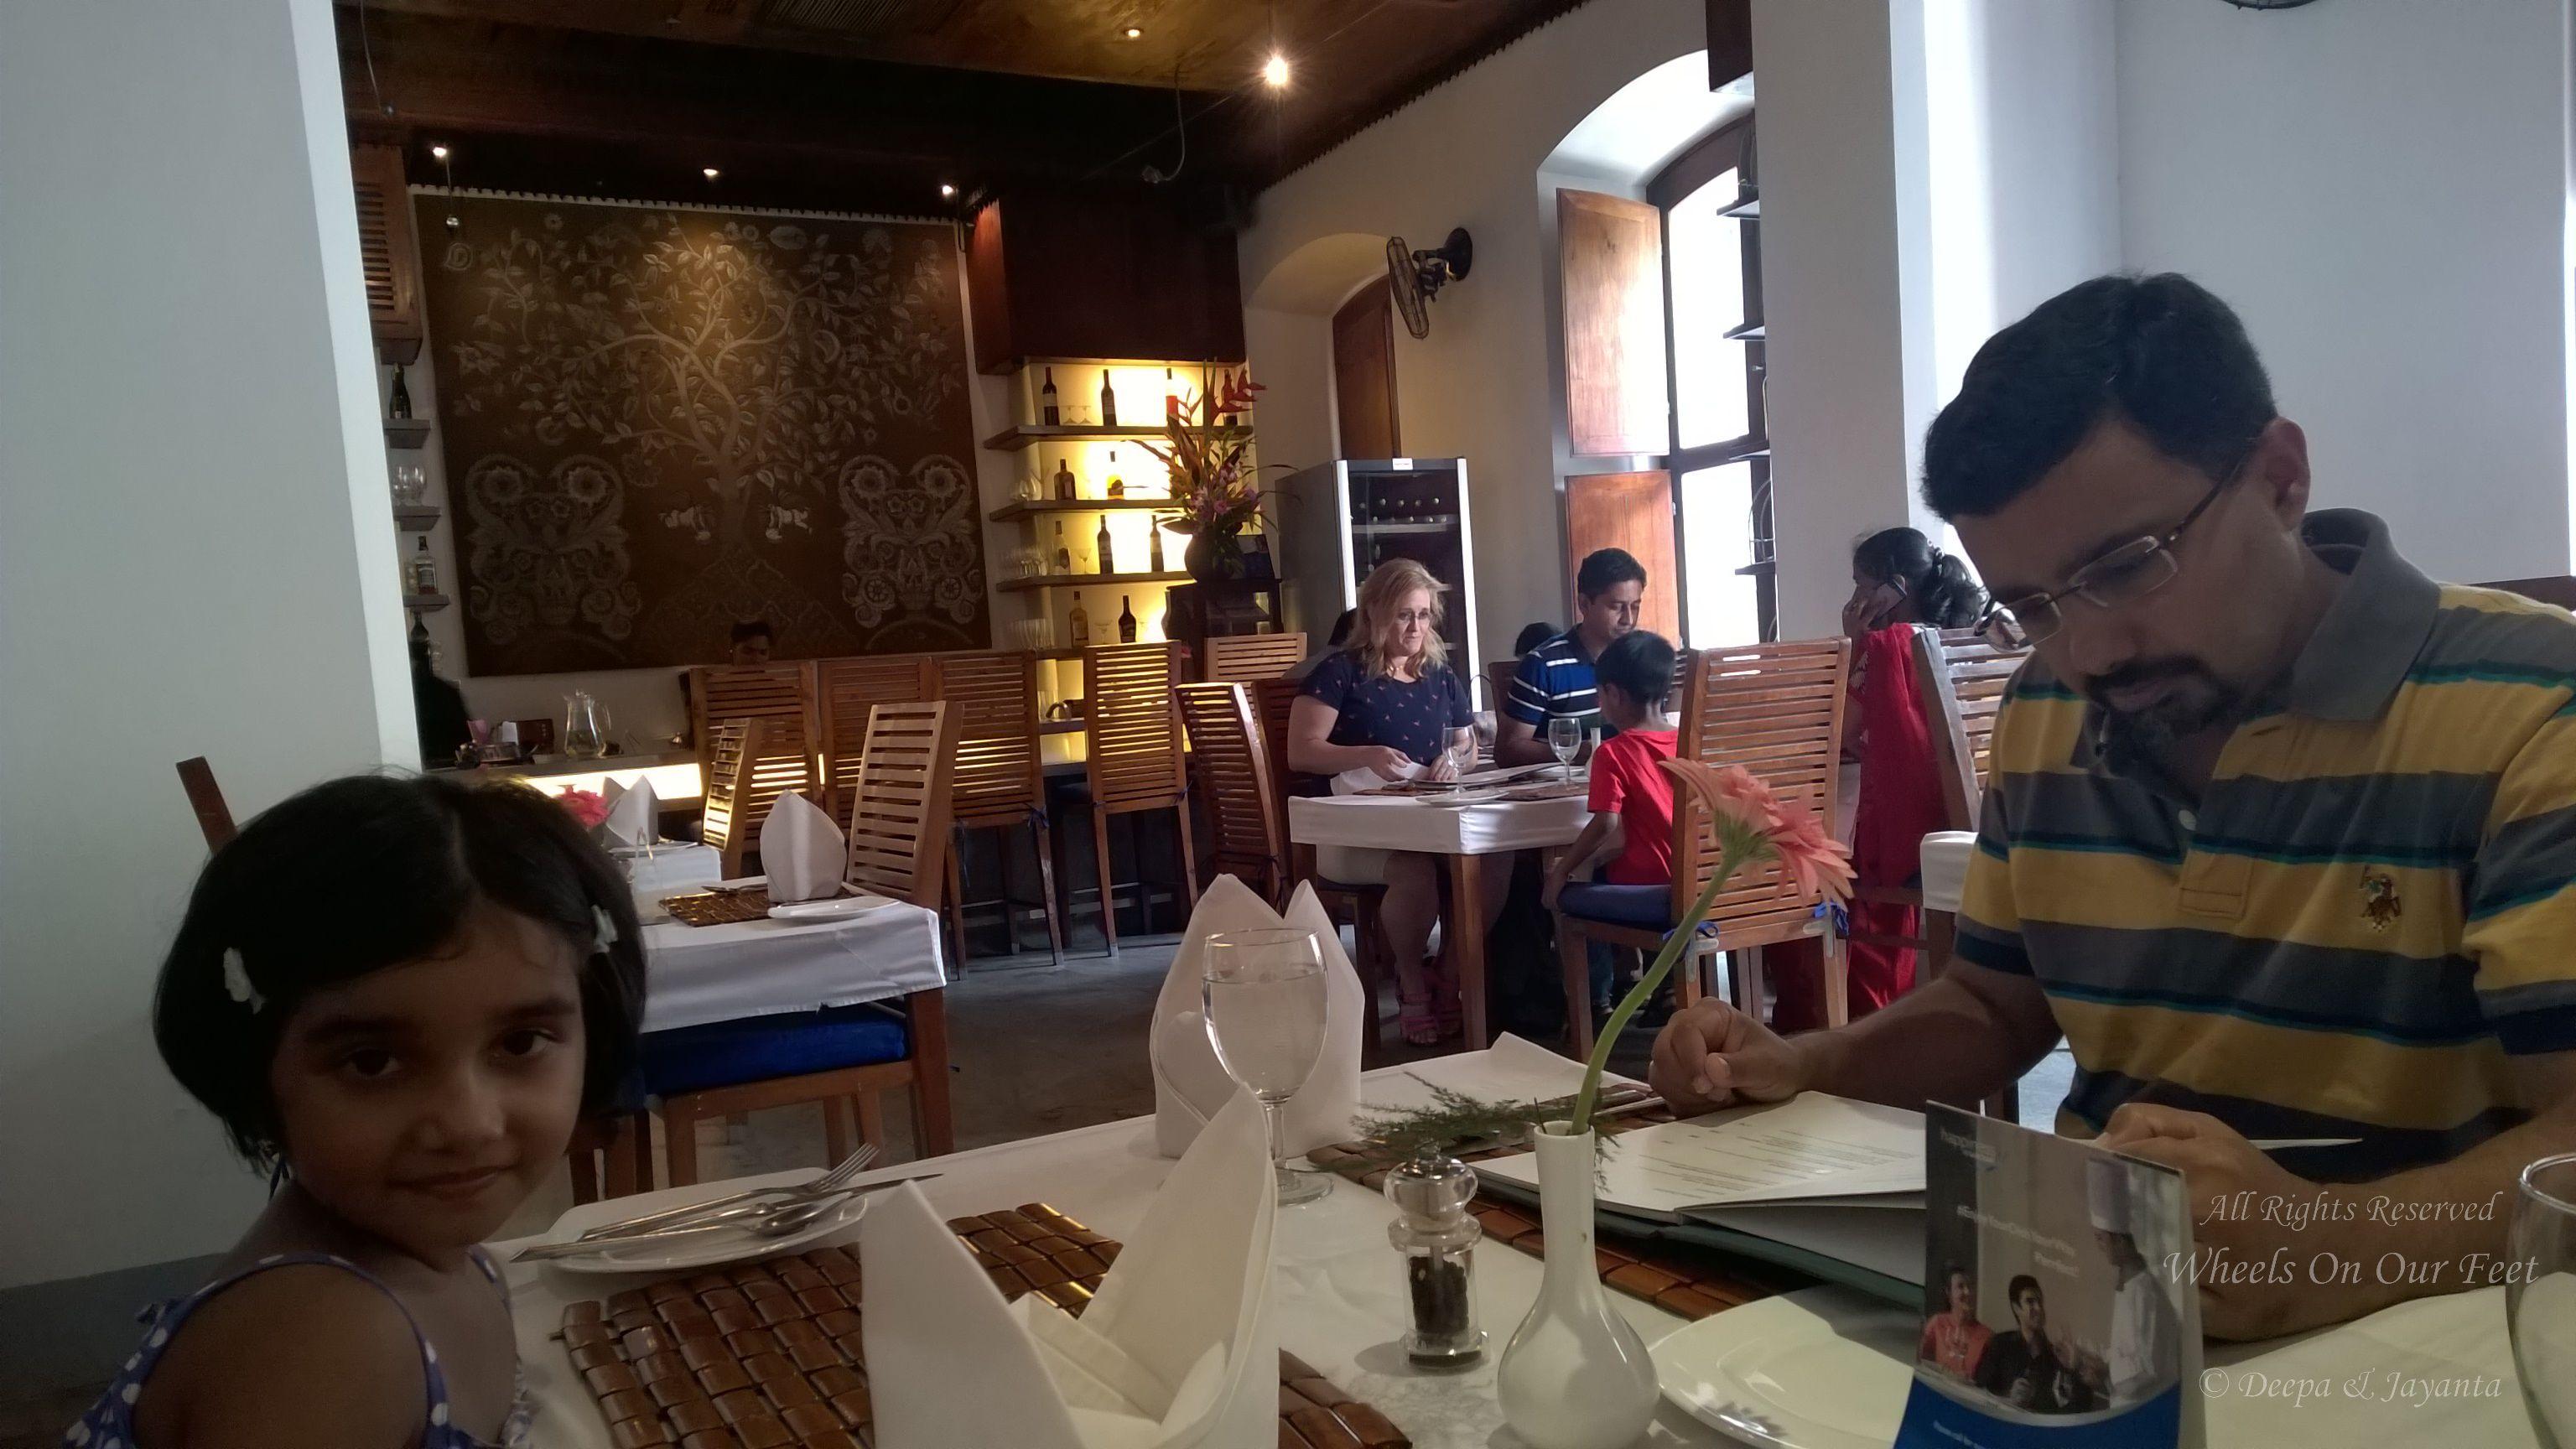 Restaurant Review: Le Dupleix in Pondicherry